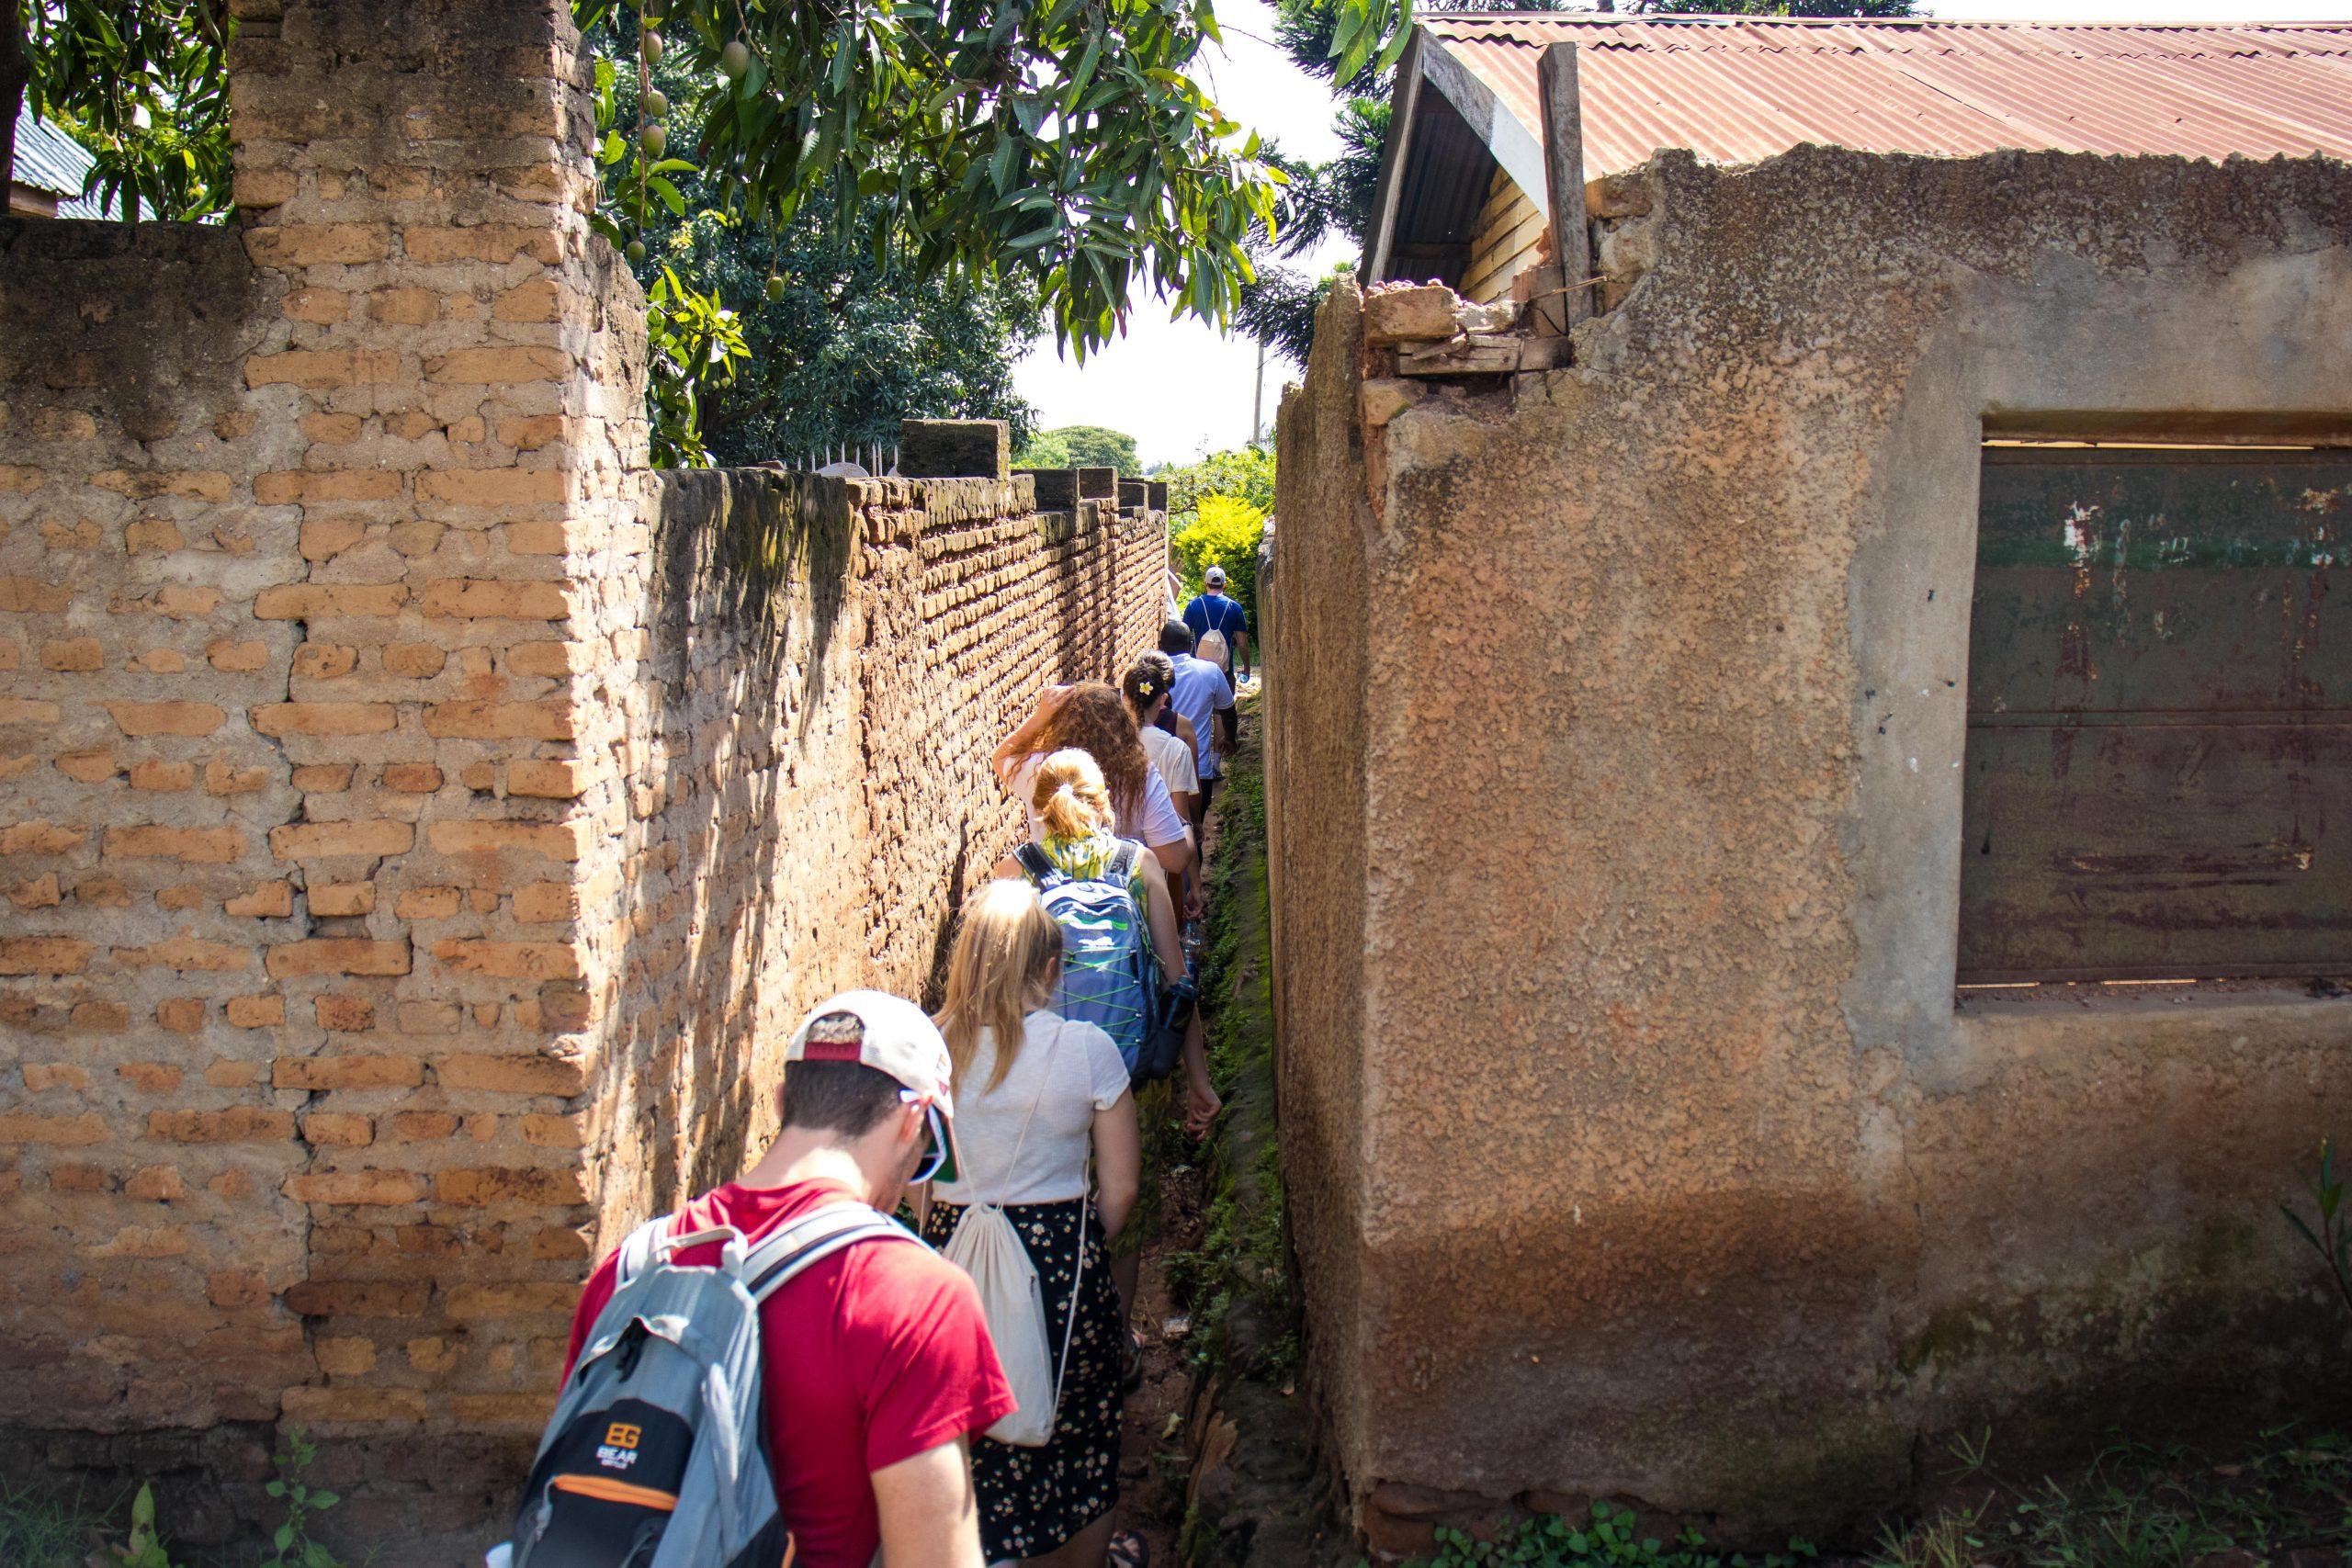 Day 10: [KAMPALA, UGANDA] DEPARTURE DAY